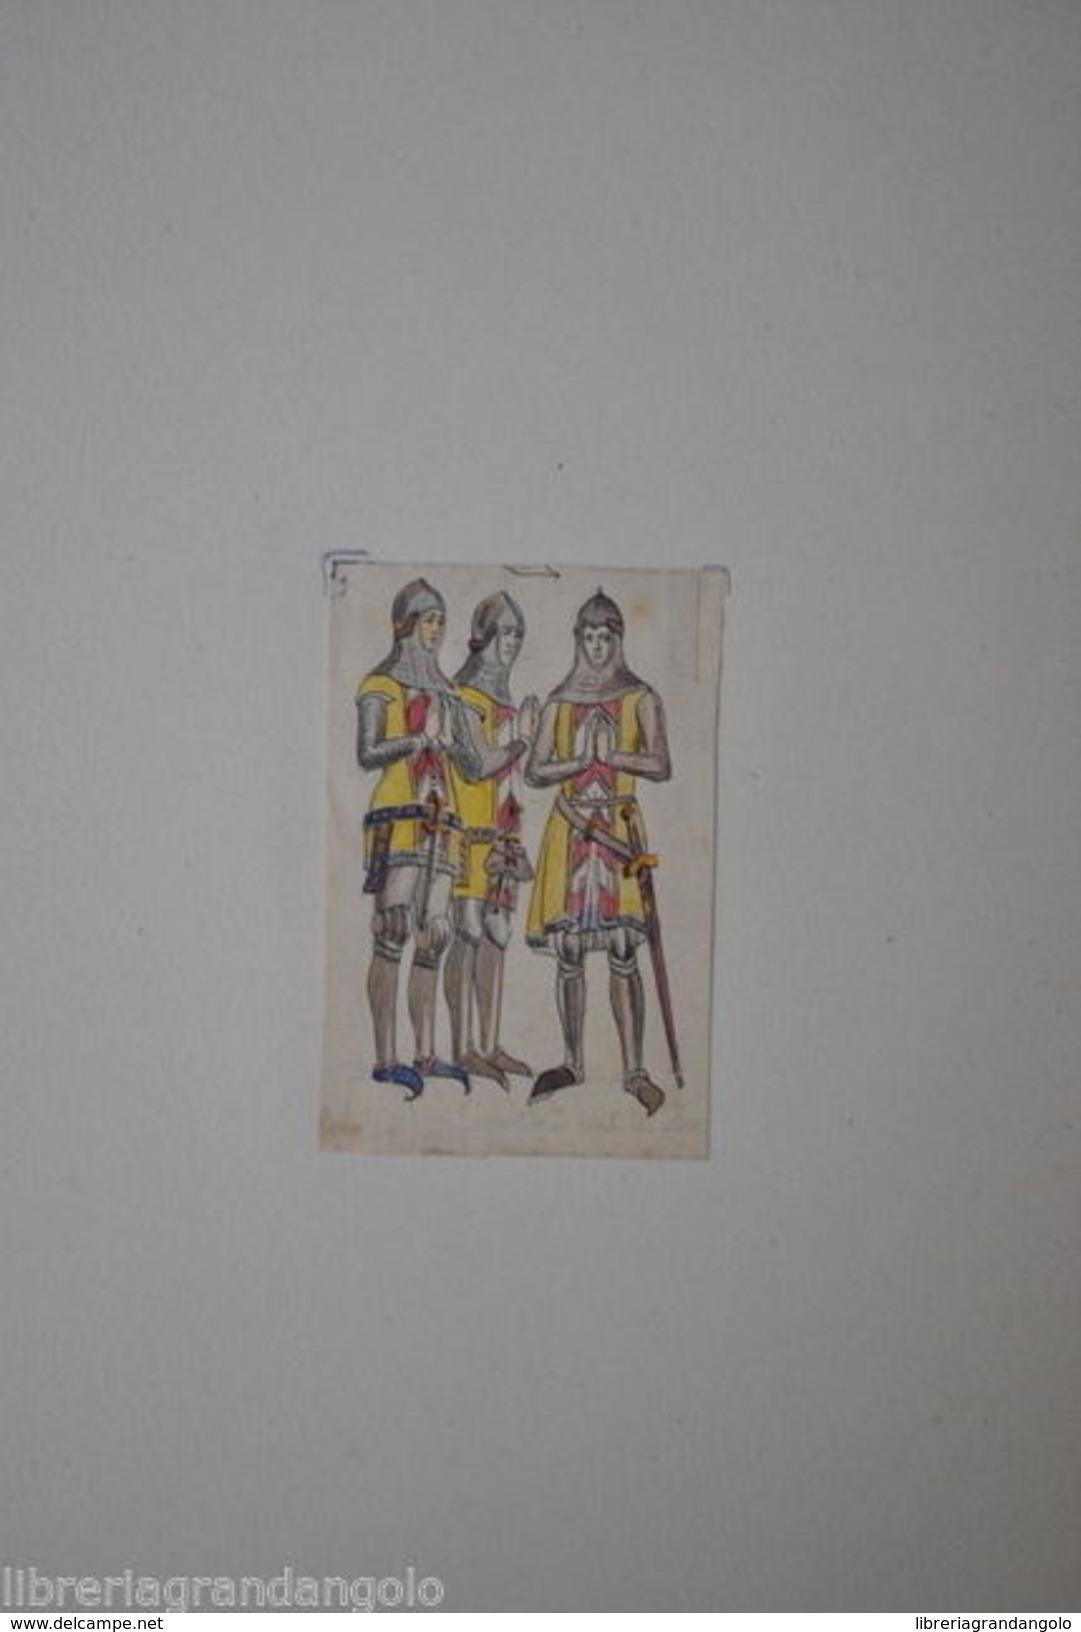 Disegno Acquerello Matita China Soldati Cavalieri Conti Neuchatel Svizzera 1850 - Acquarelli